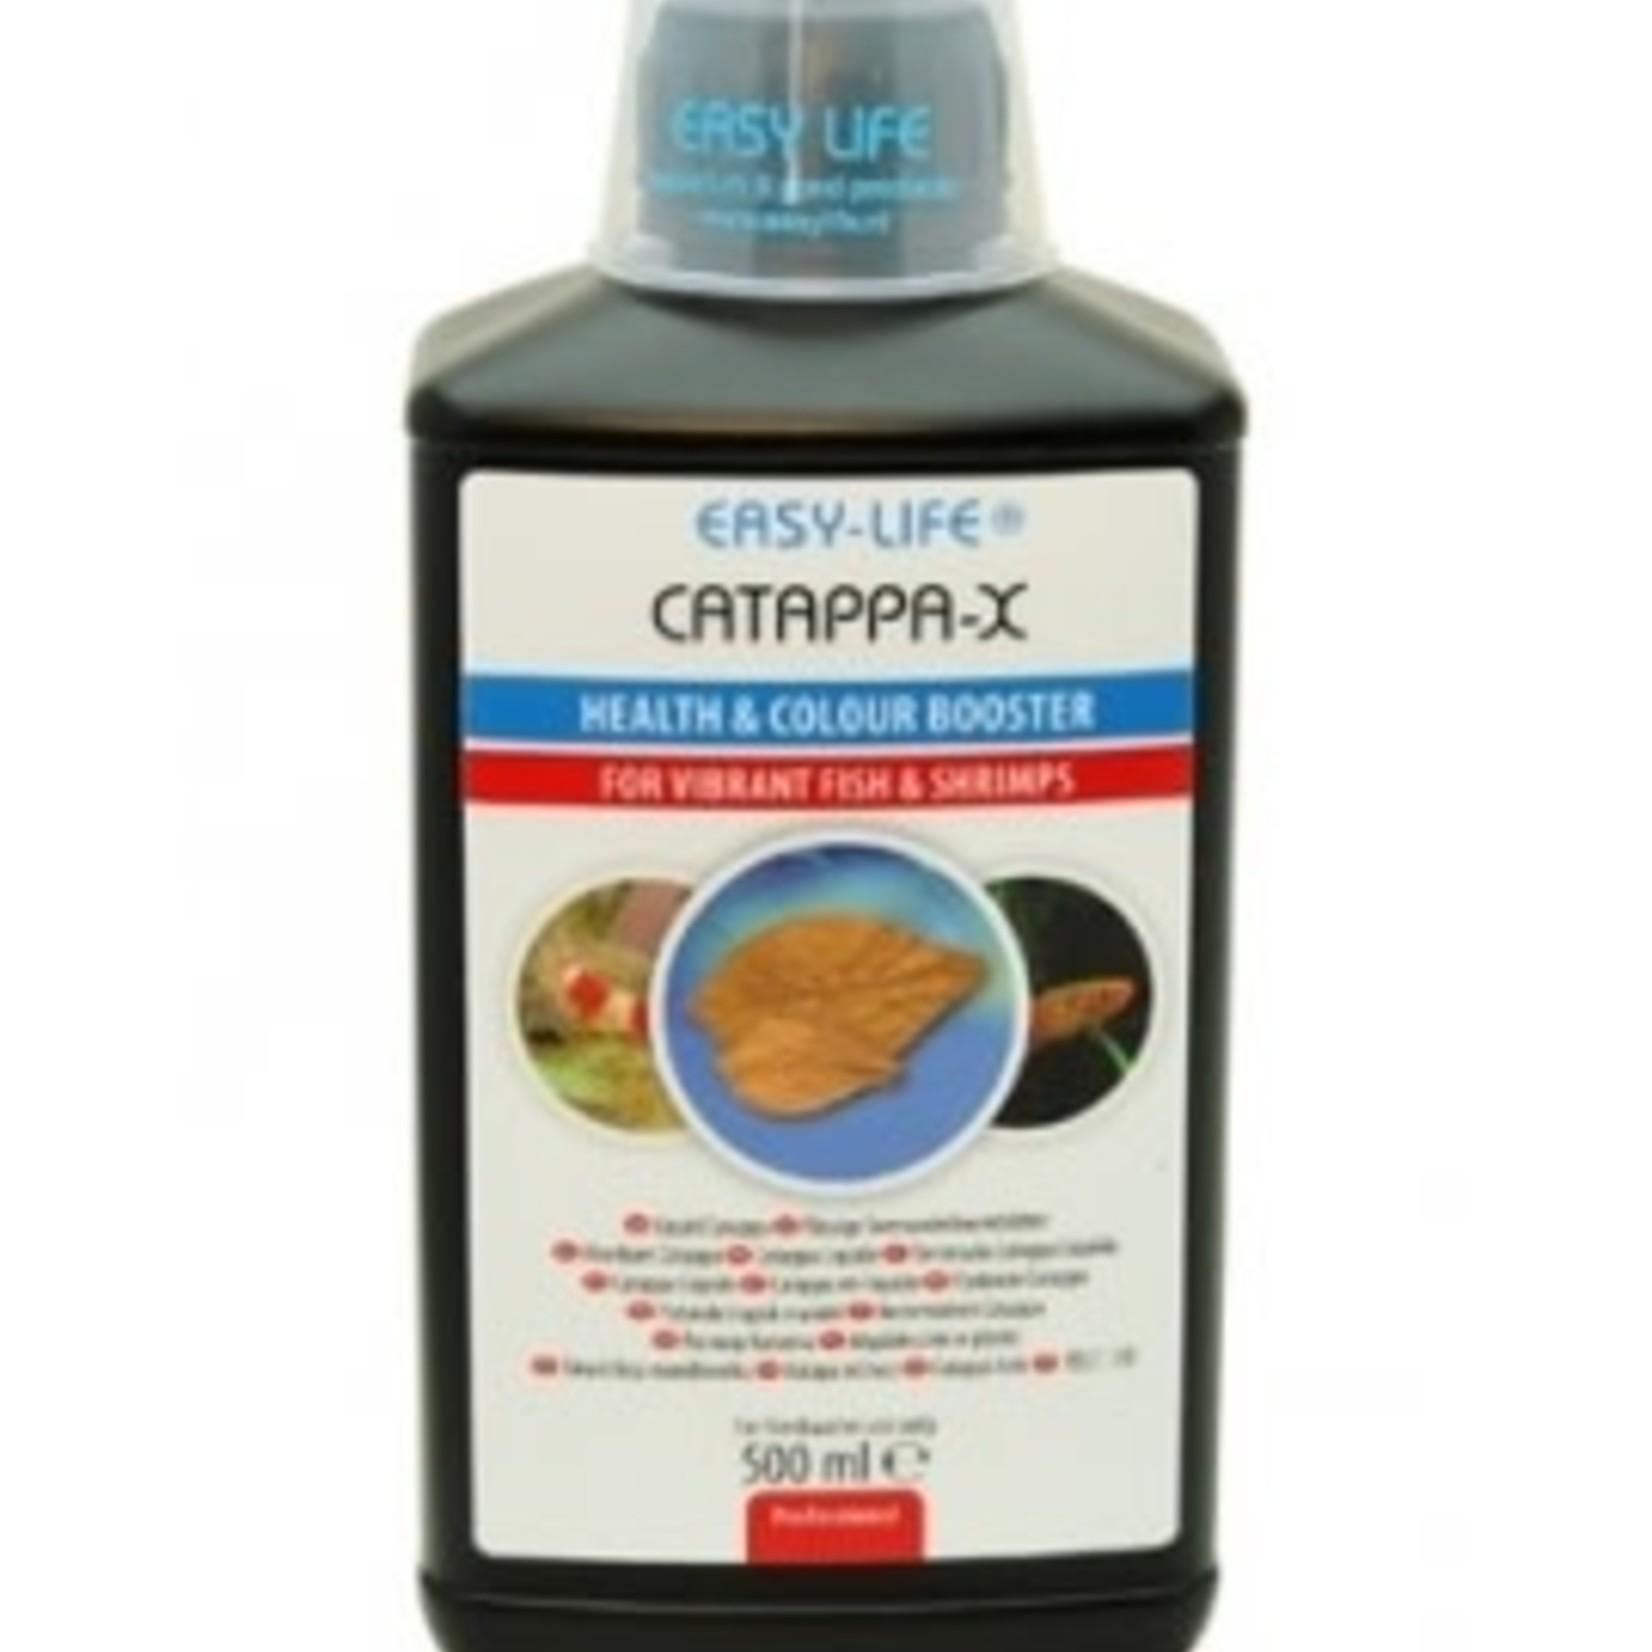 Easy Life CATAPPA-X